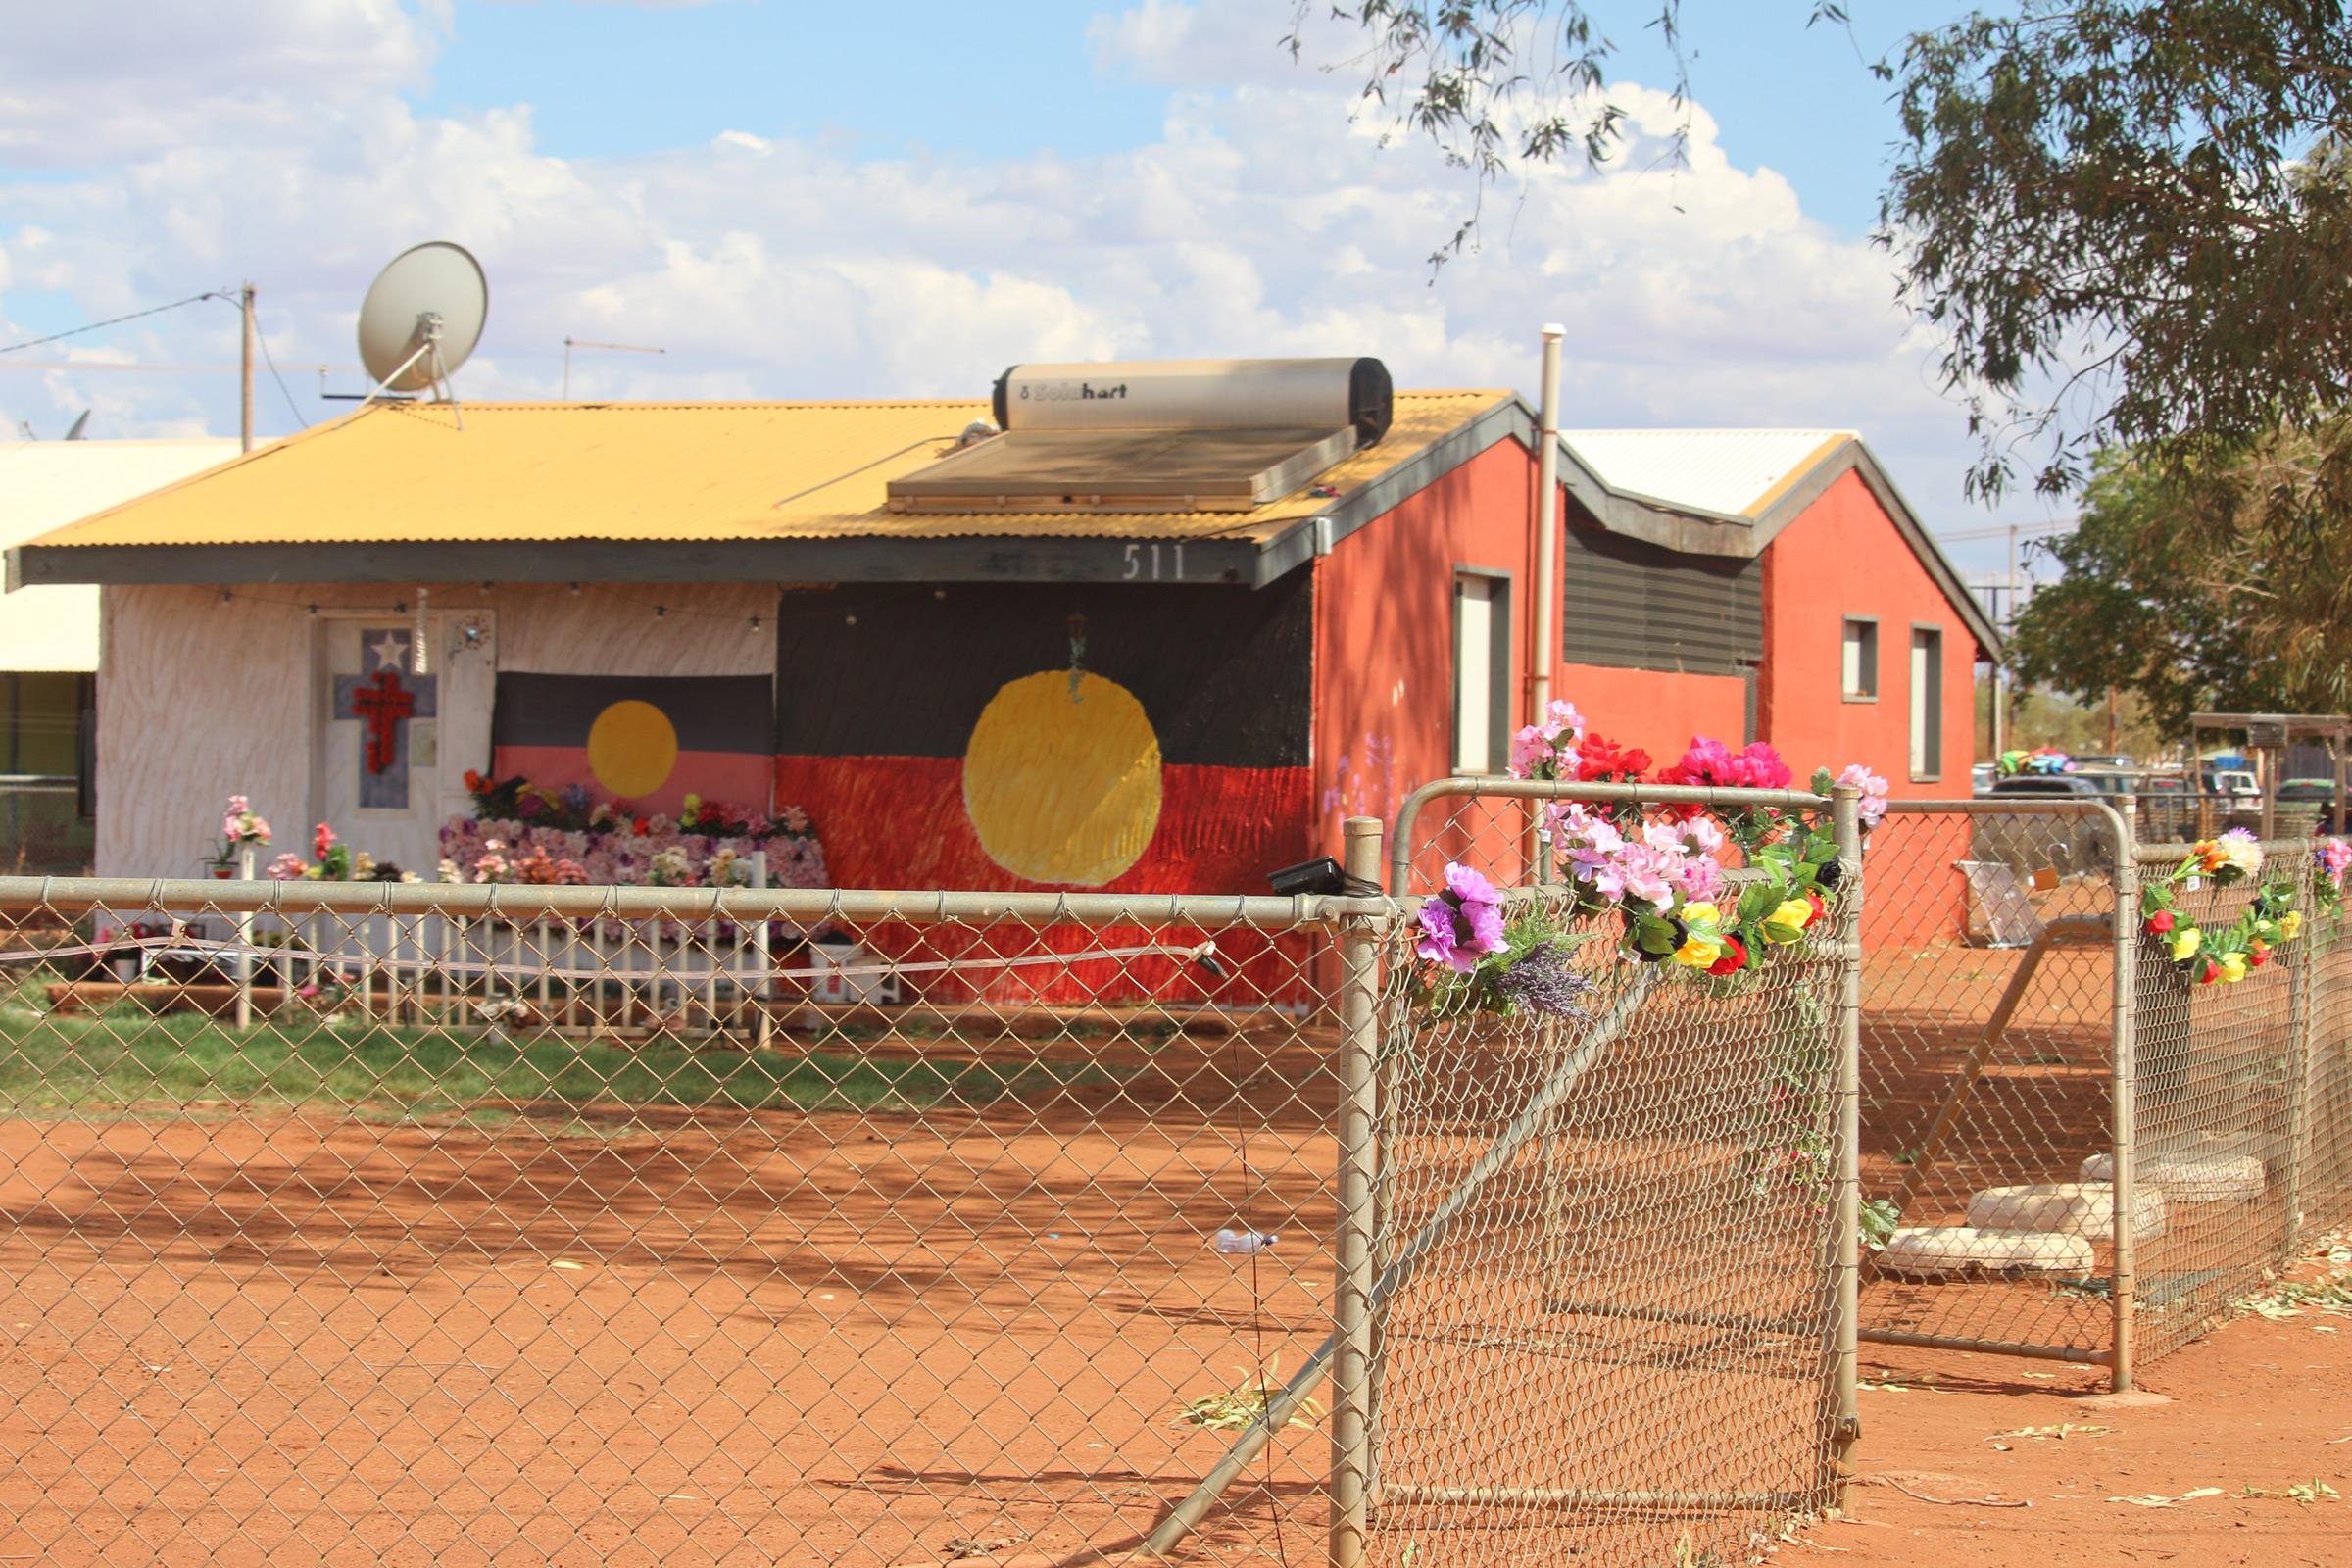 blm-australia-aboriginal-justice-09